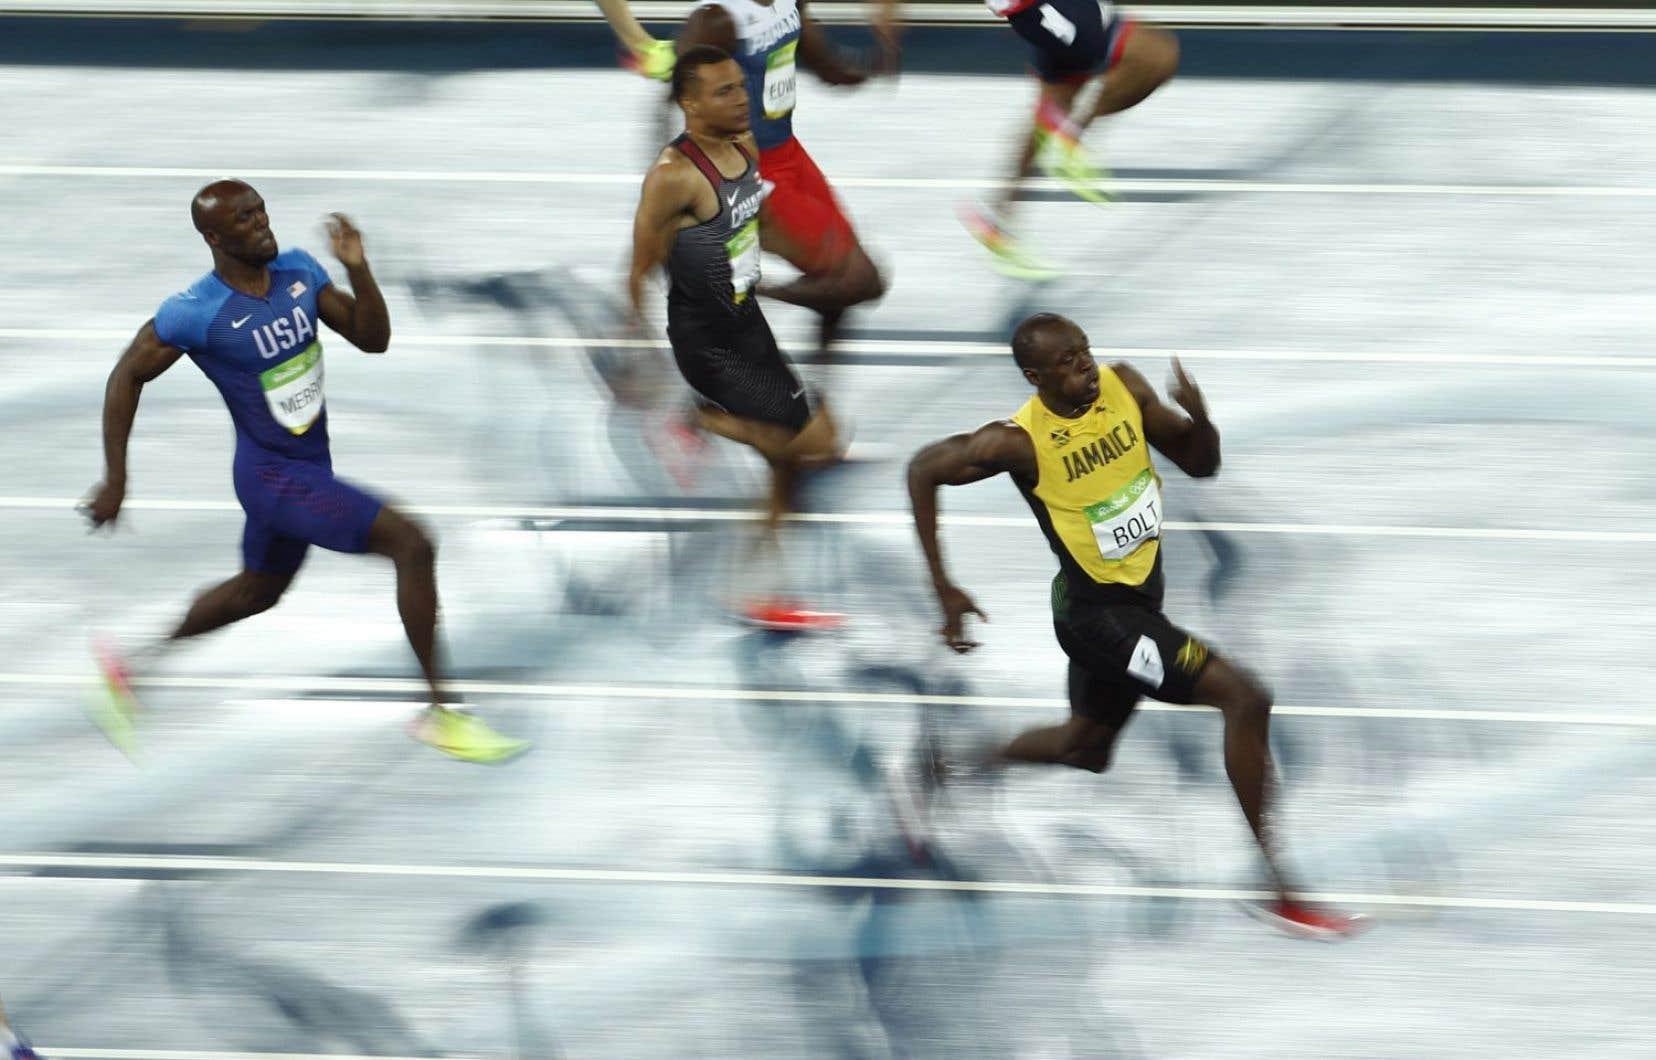 Le coureur Usain Bolt a empoché une huitième médaille d'or olympique jeudi soir.